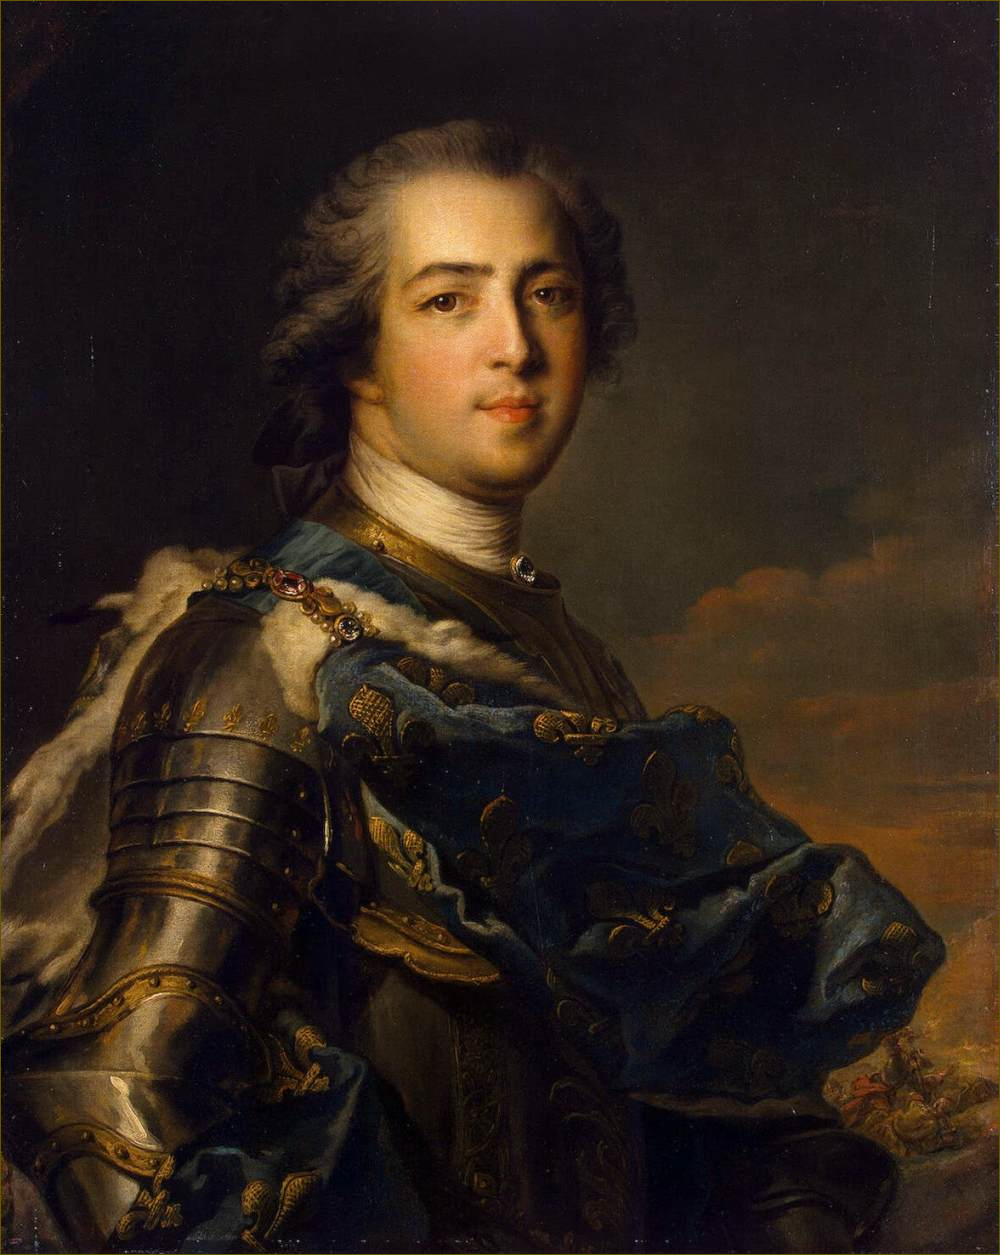 Louis XV, roi de France, âgé de 35 ans, en 1745, par Nattier